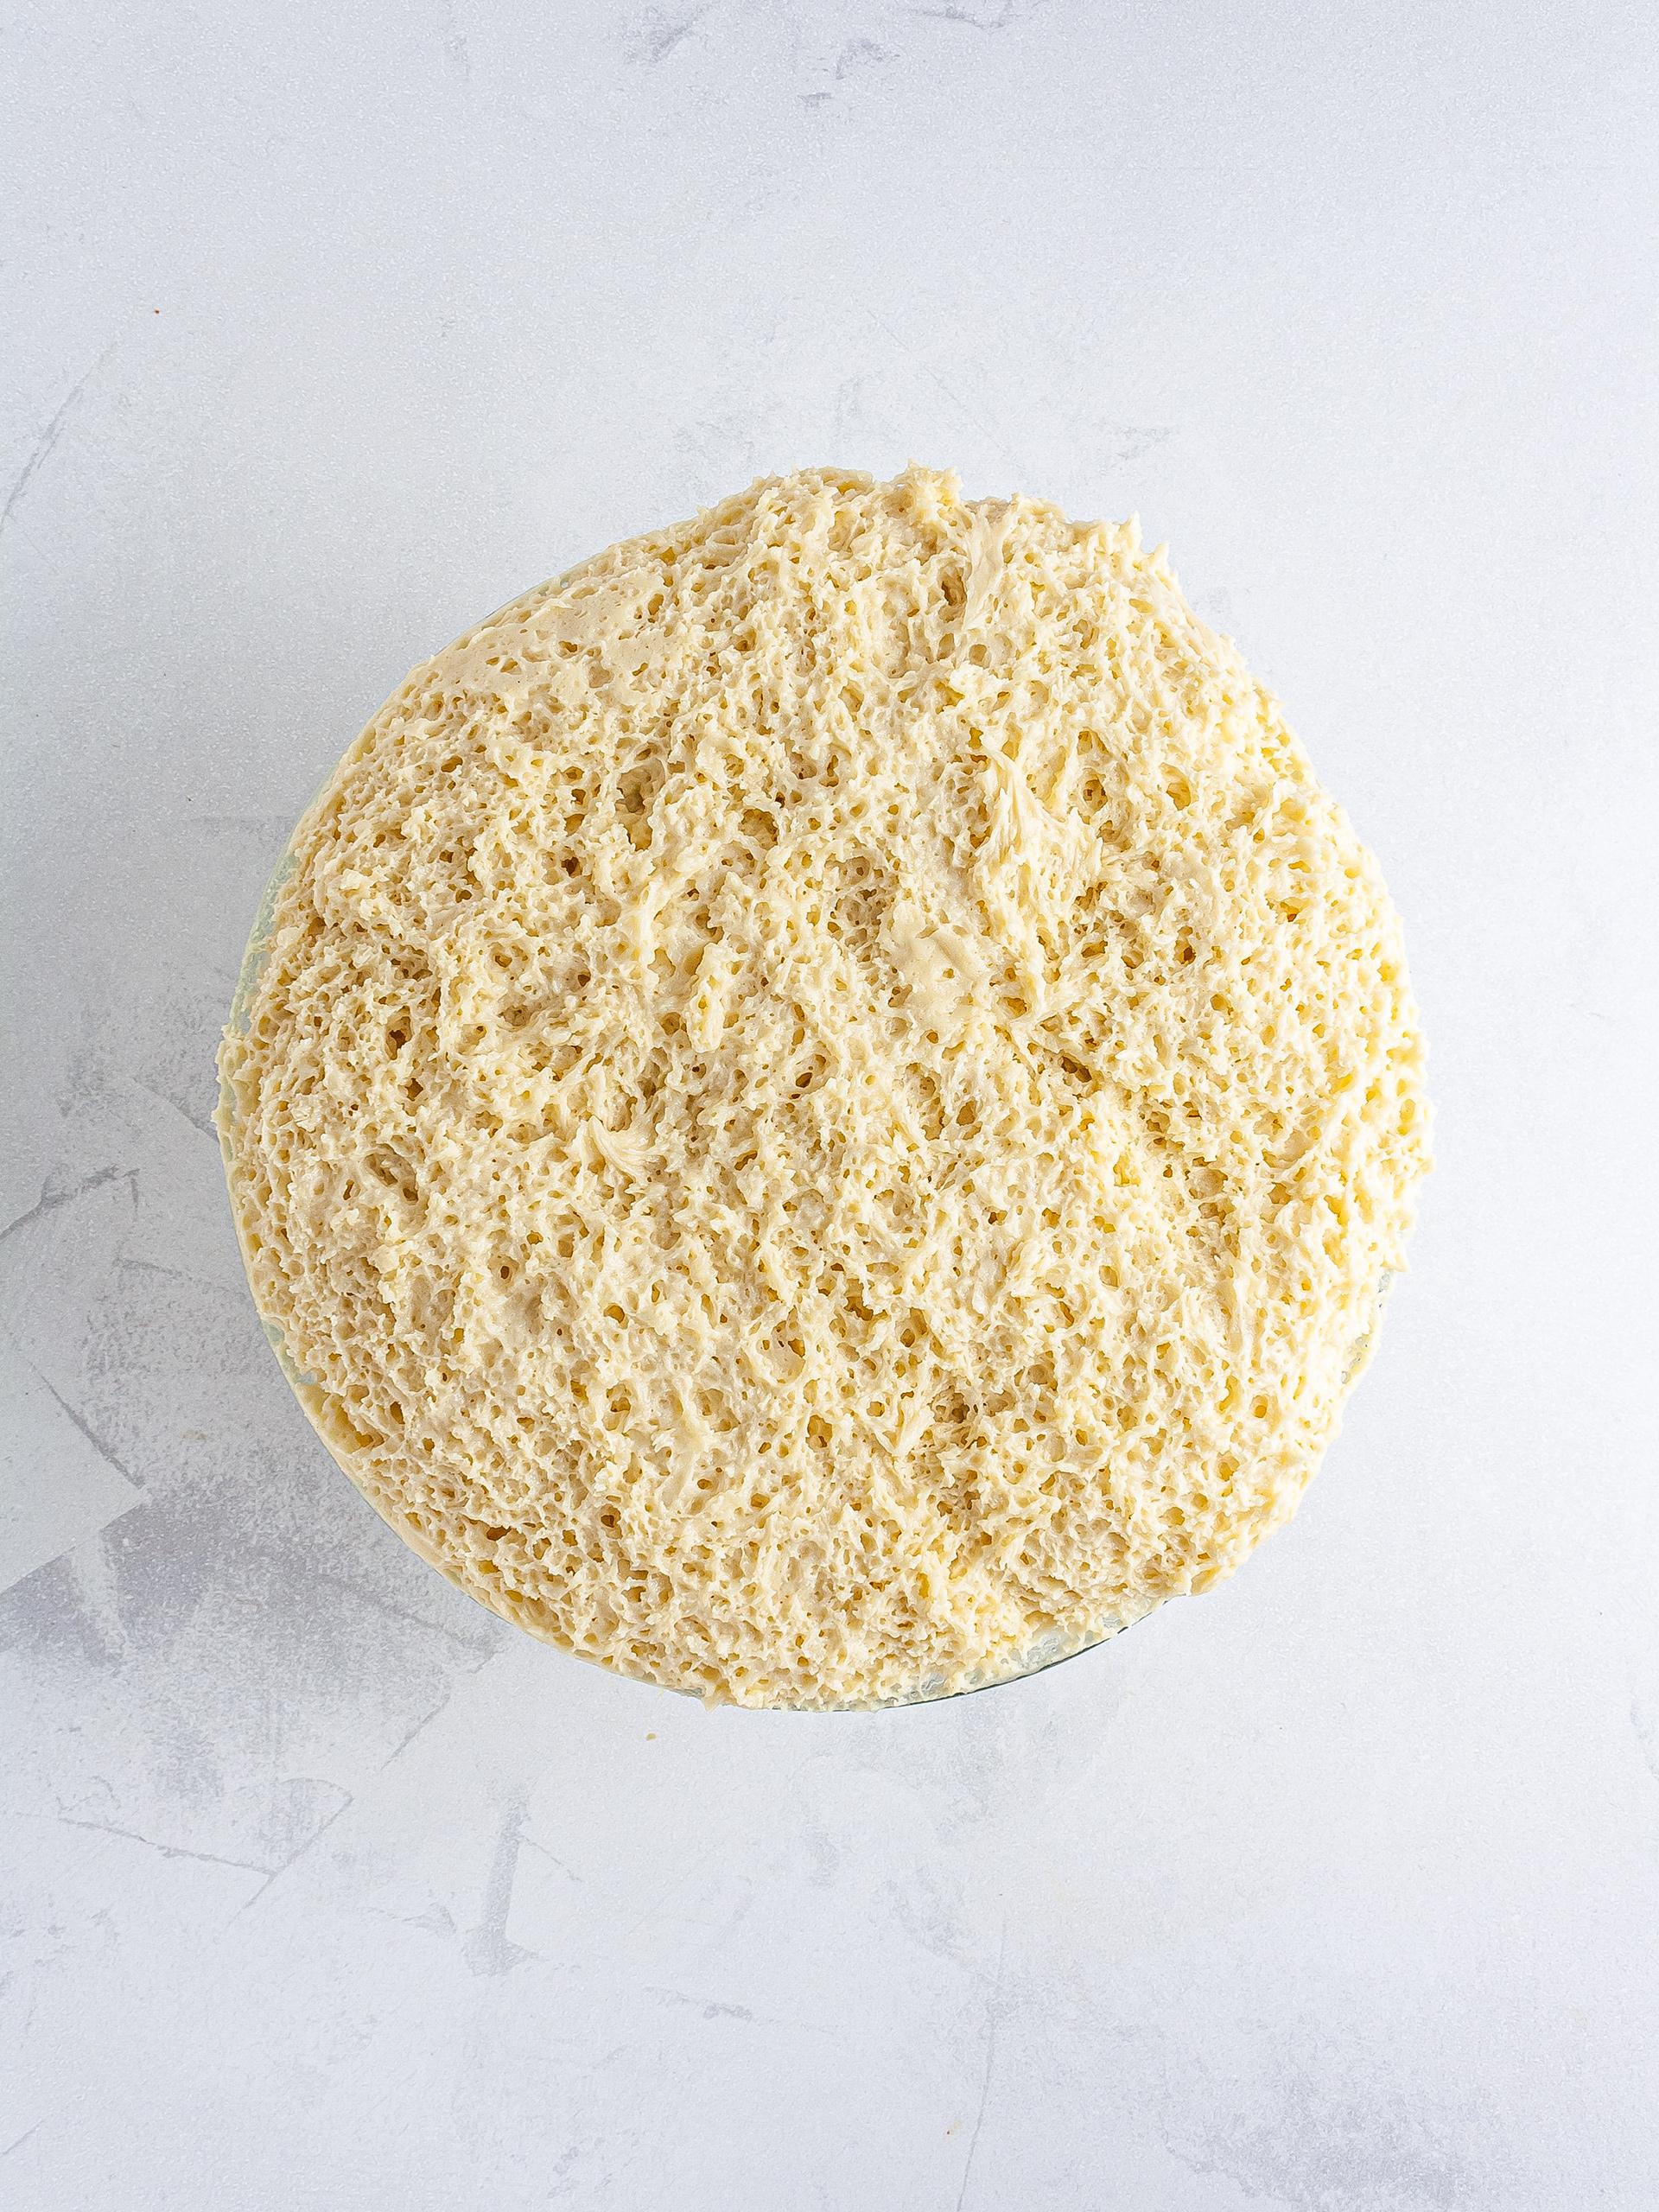 Proved brioche dough